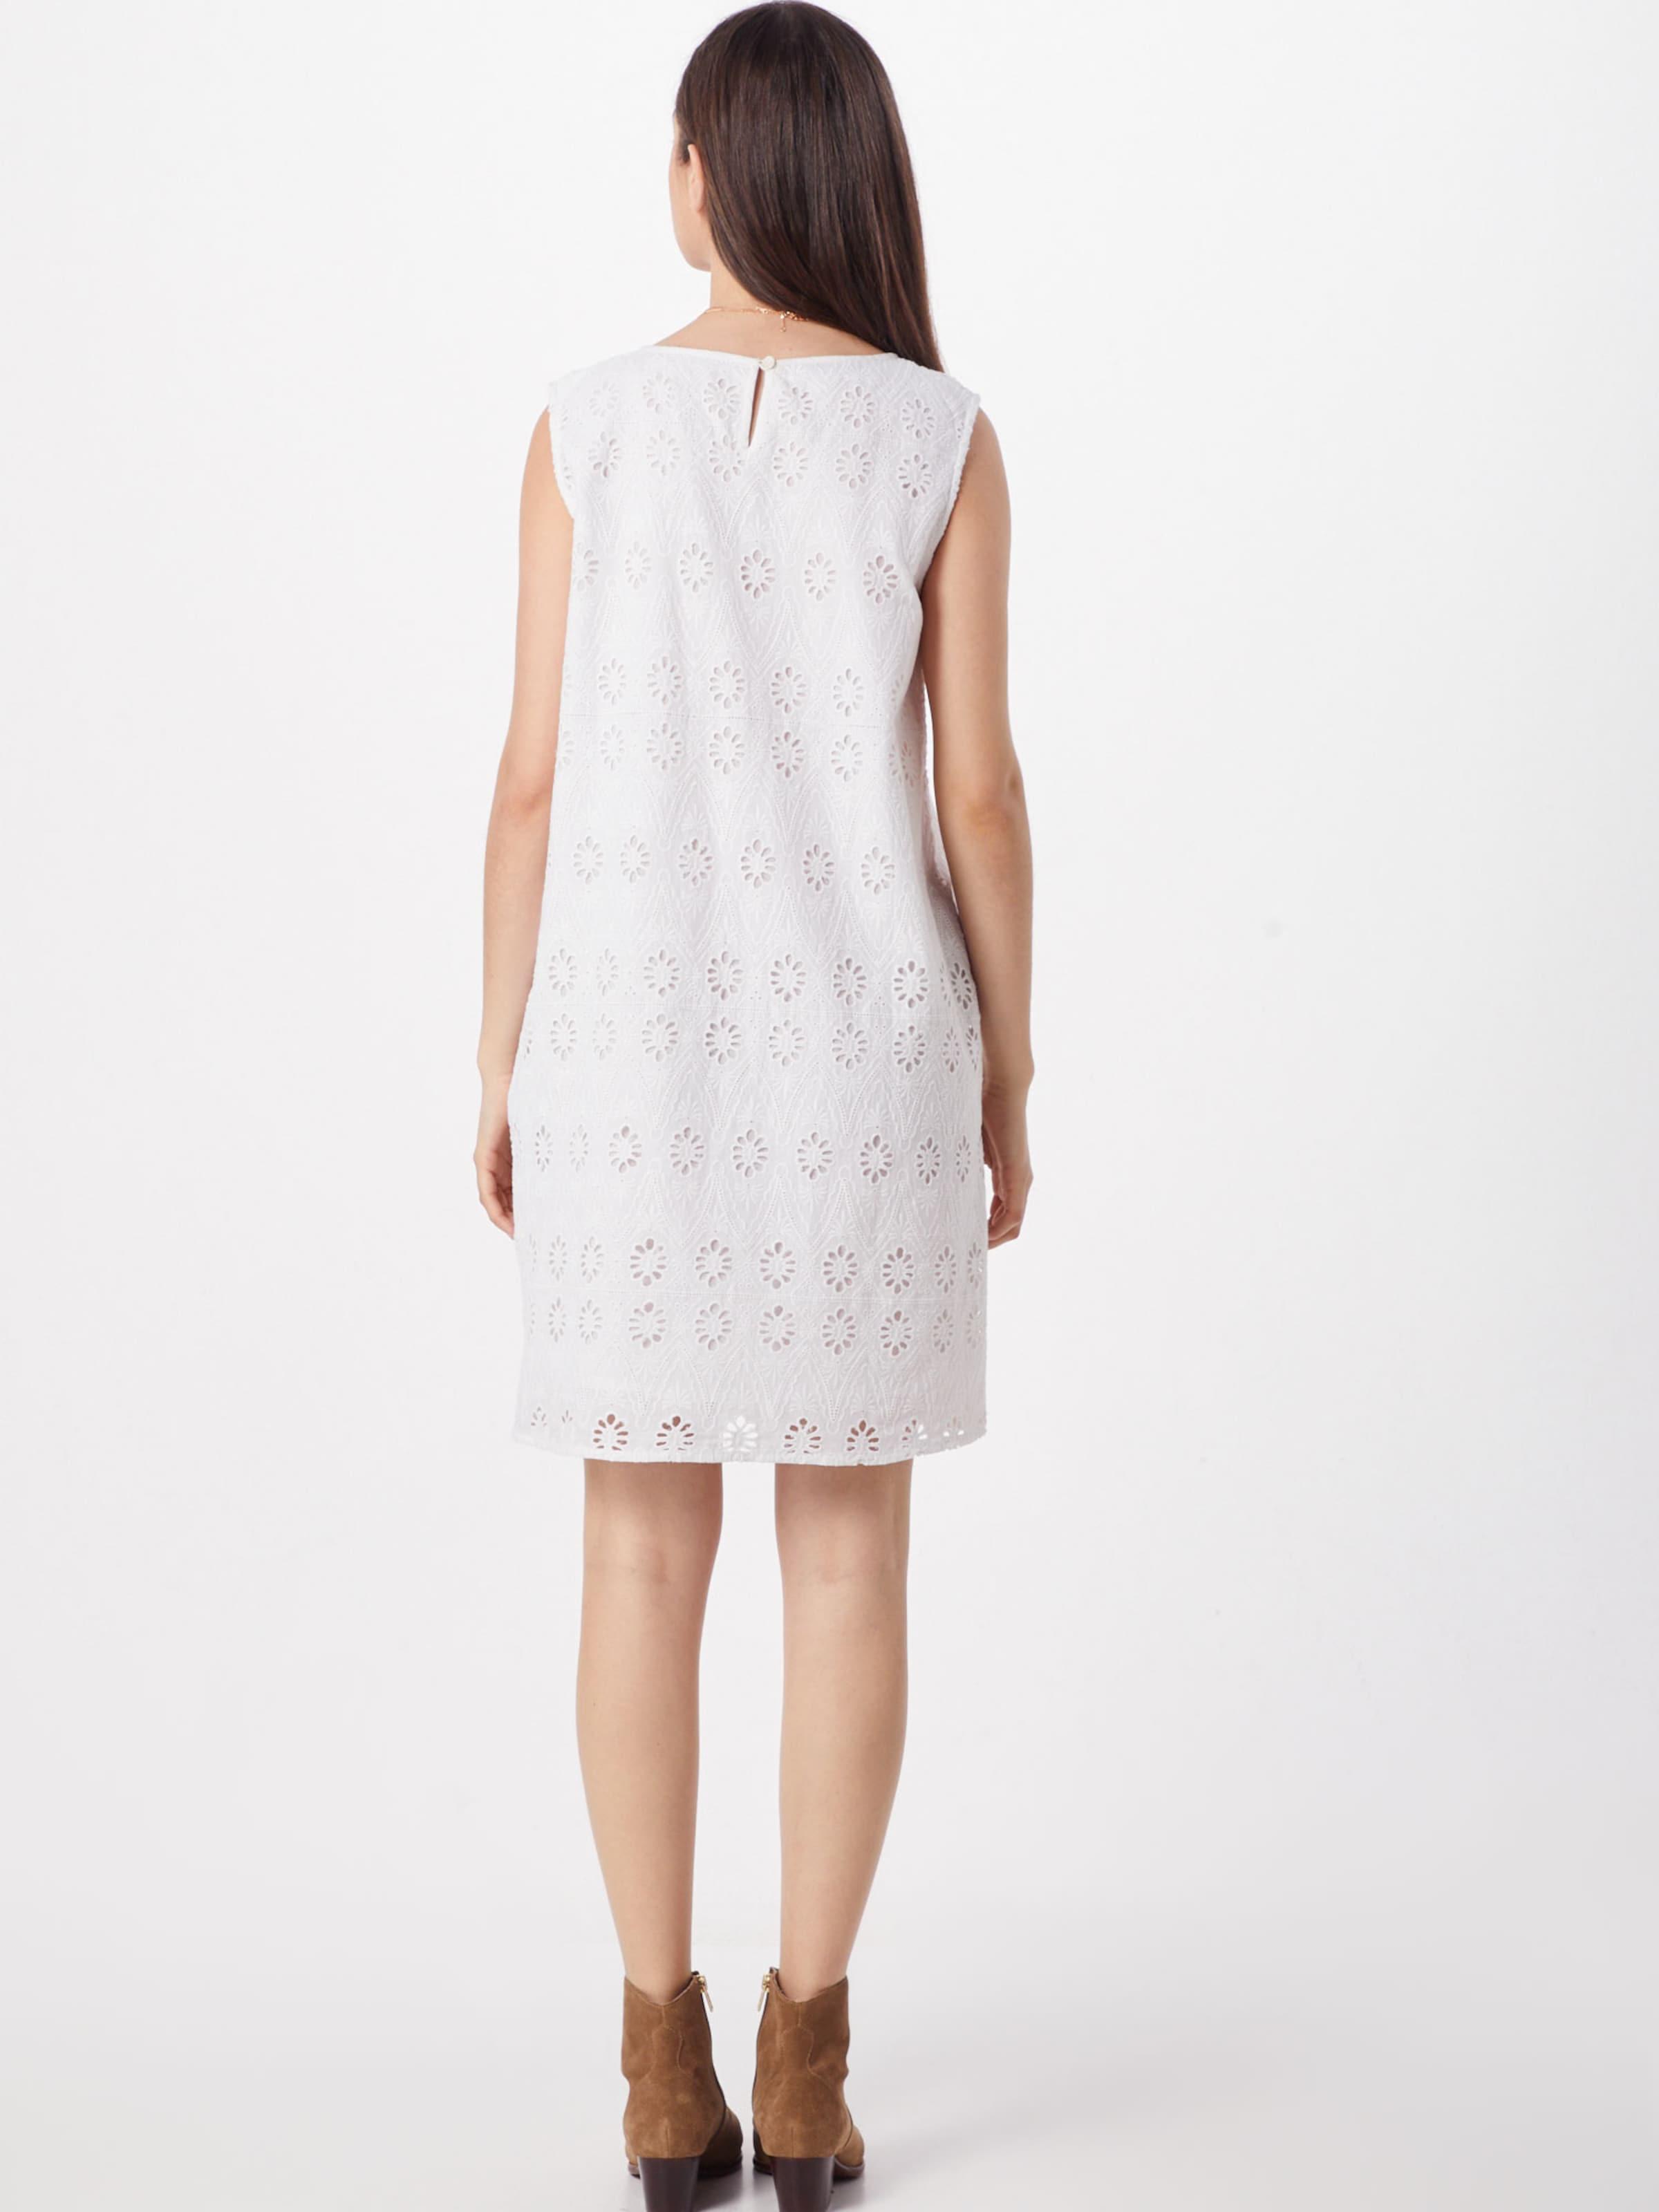 Blanc Robe 'fenja' 'fenja' Herrlicher Herrlicher En Blanc Herrlicher En Robe Robe J3KcTl5u1F